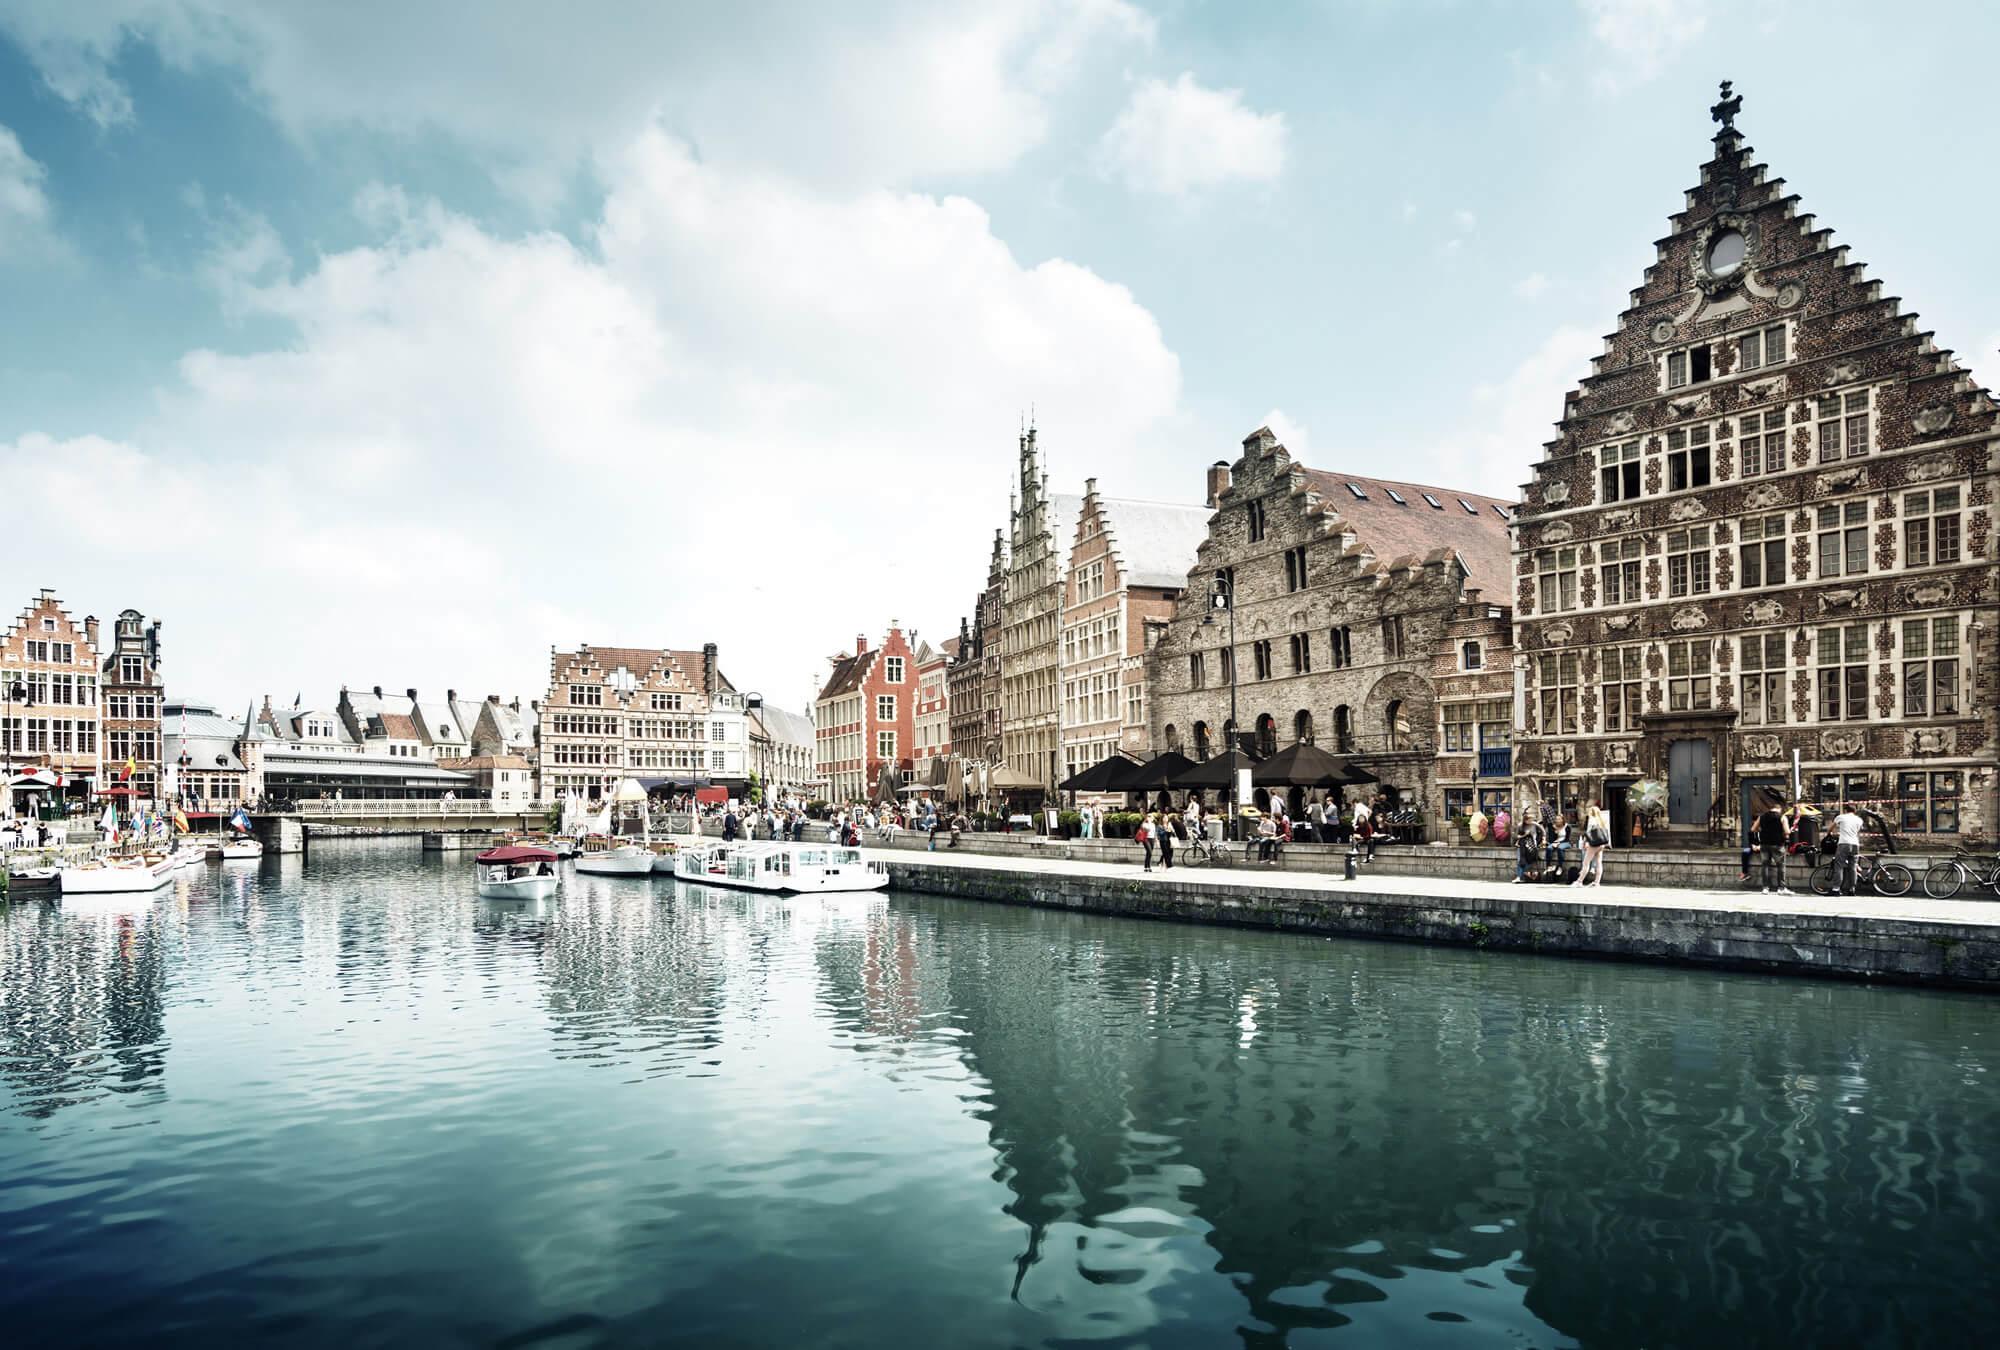 Leie River in Ghent